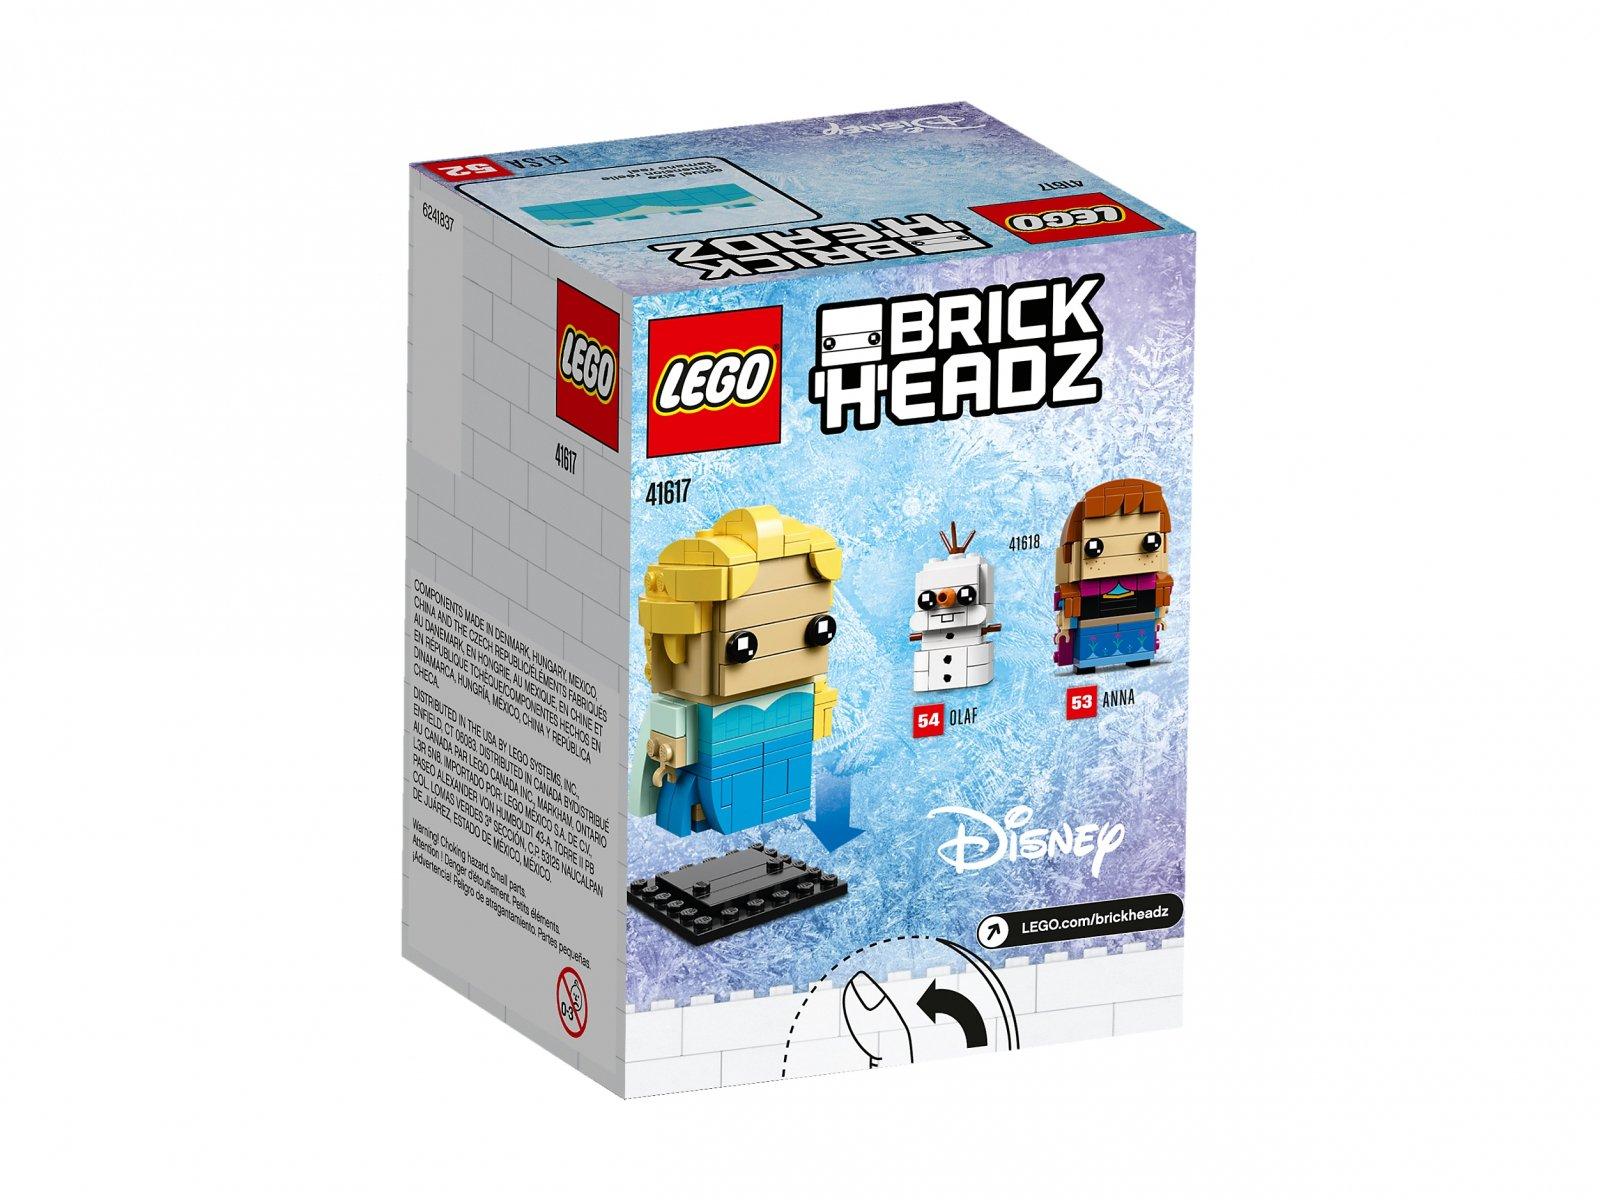 LEGO 41617 BrickHeadz Elsa